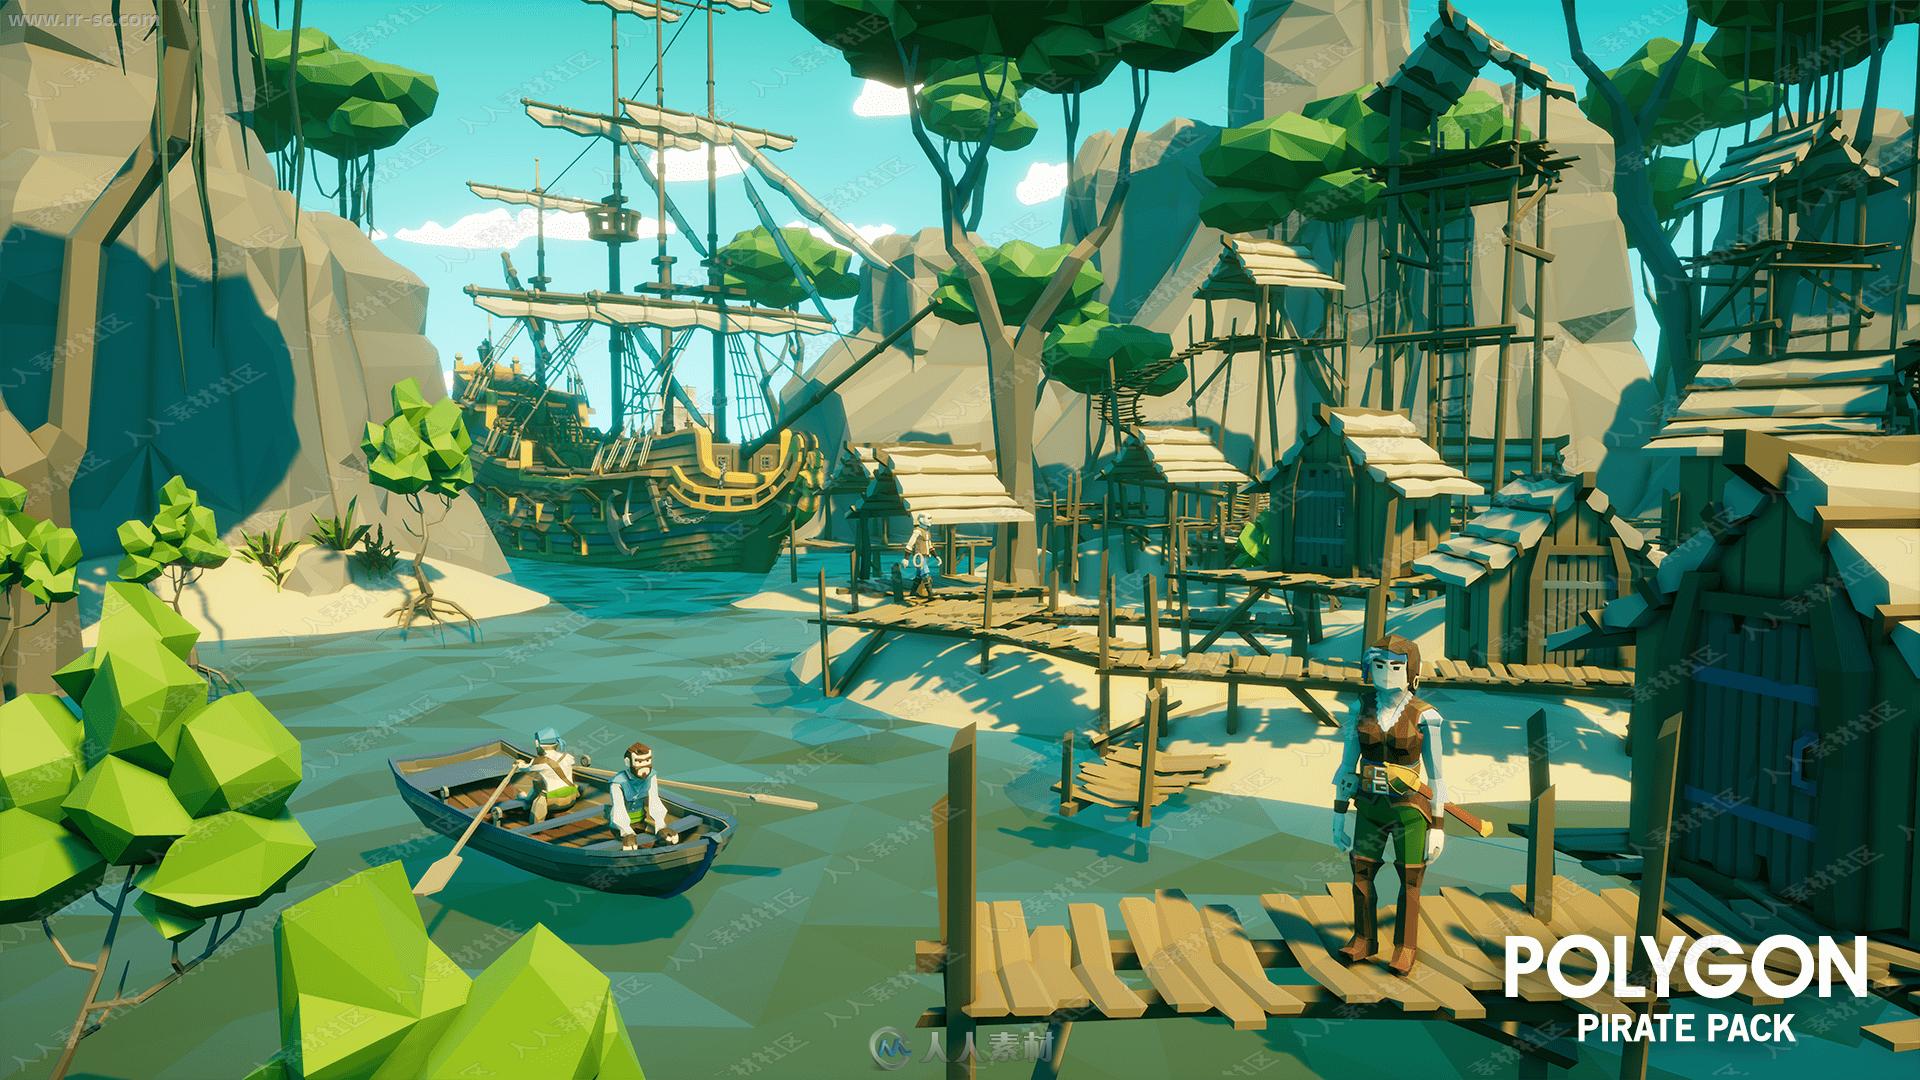 大型海盗风格游戏物资环境3D模型UE4游戏素材资源